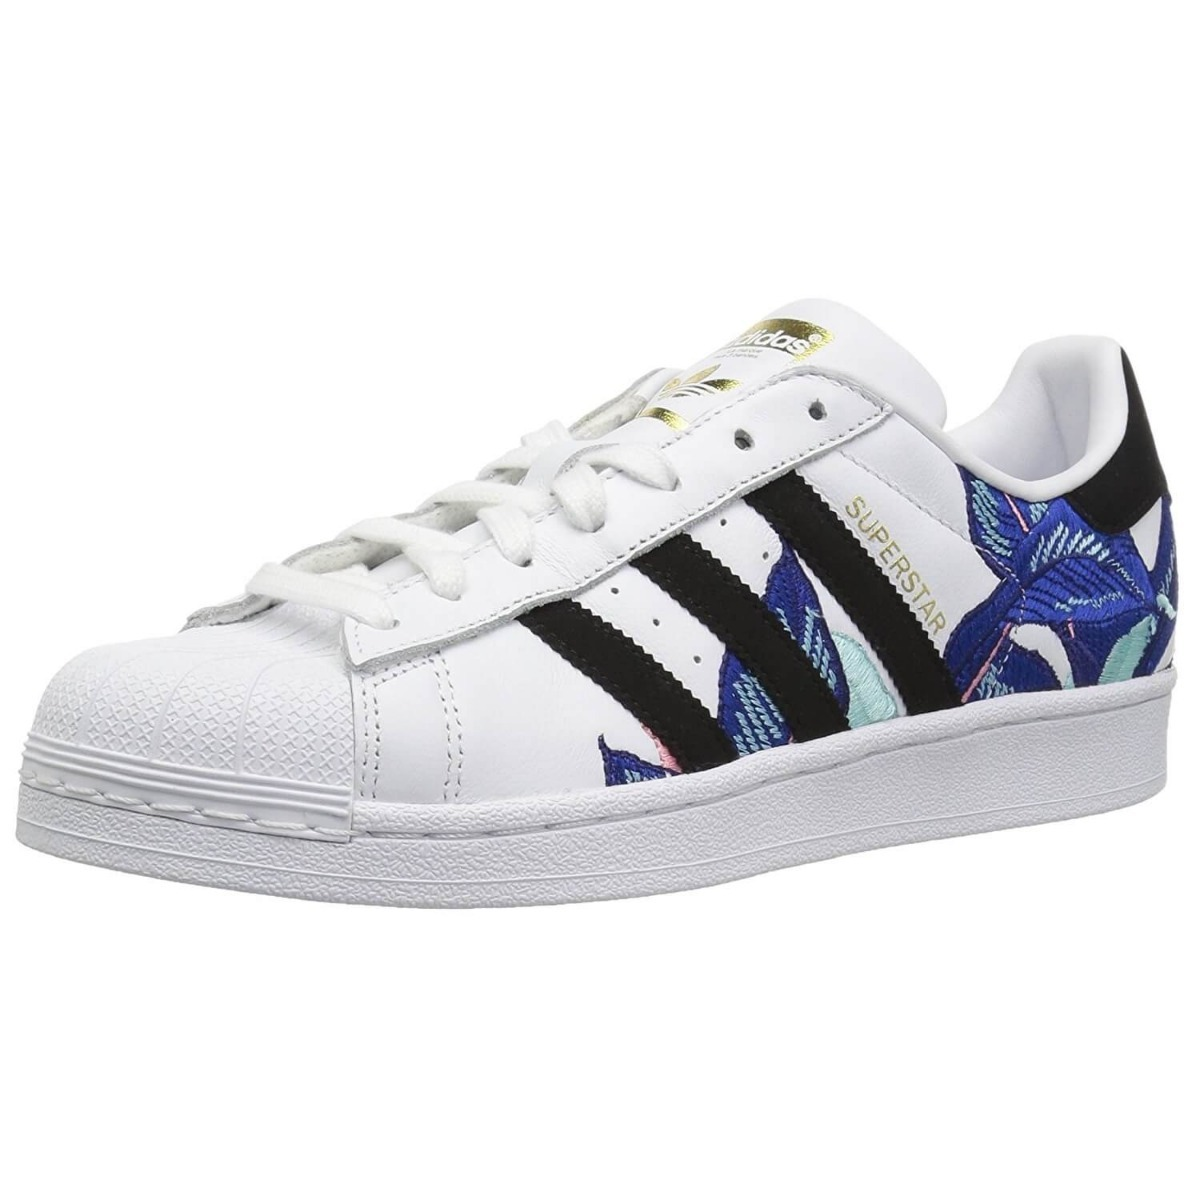 new styles f38dd dc748 Zapatillas Para Mujer adidas Cg5461 Originals Superstar Runn